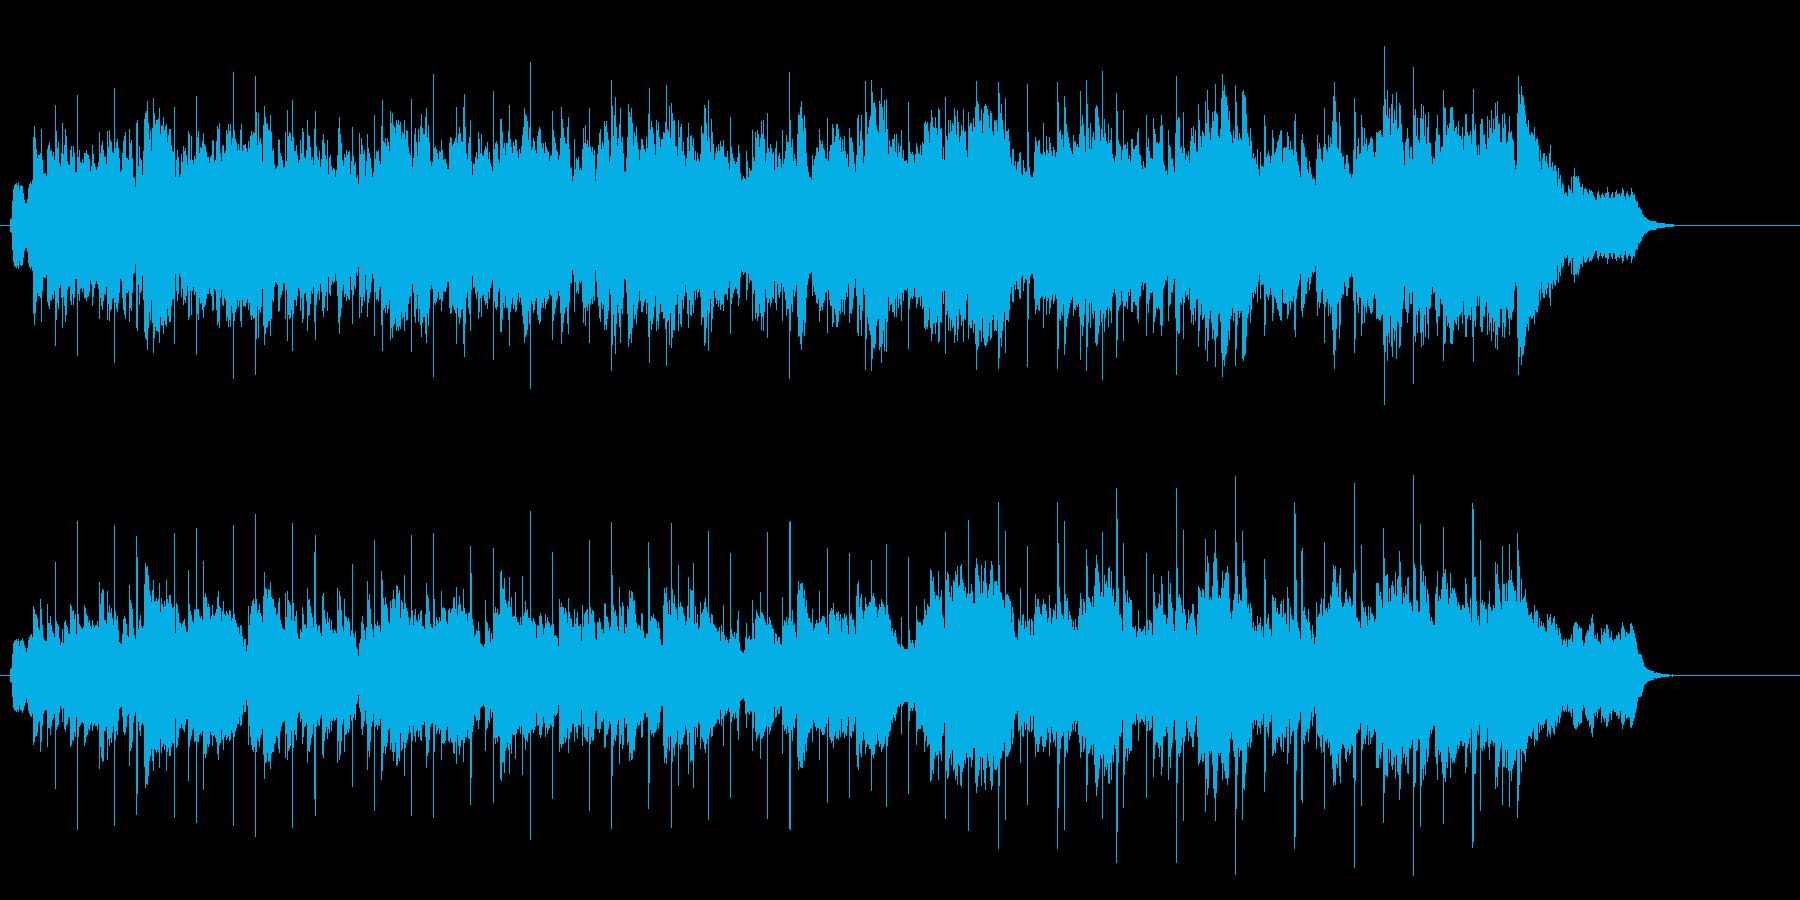 カレッジフォーク風、レポートB.G.Mの再生済みの波形